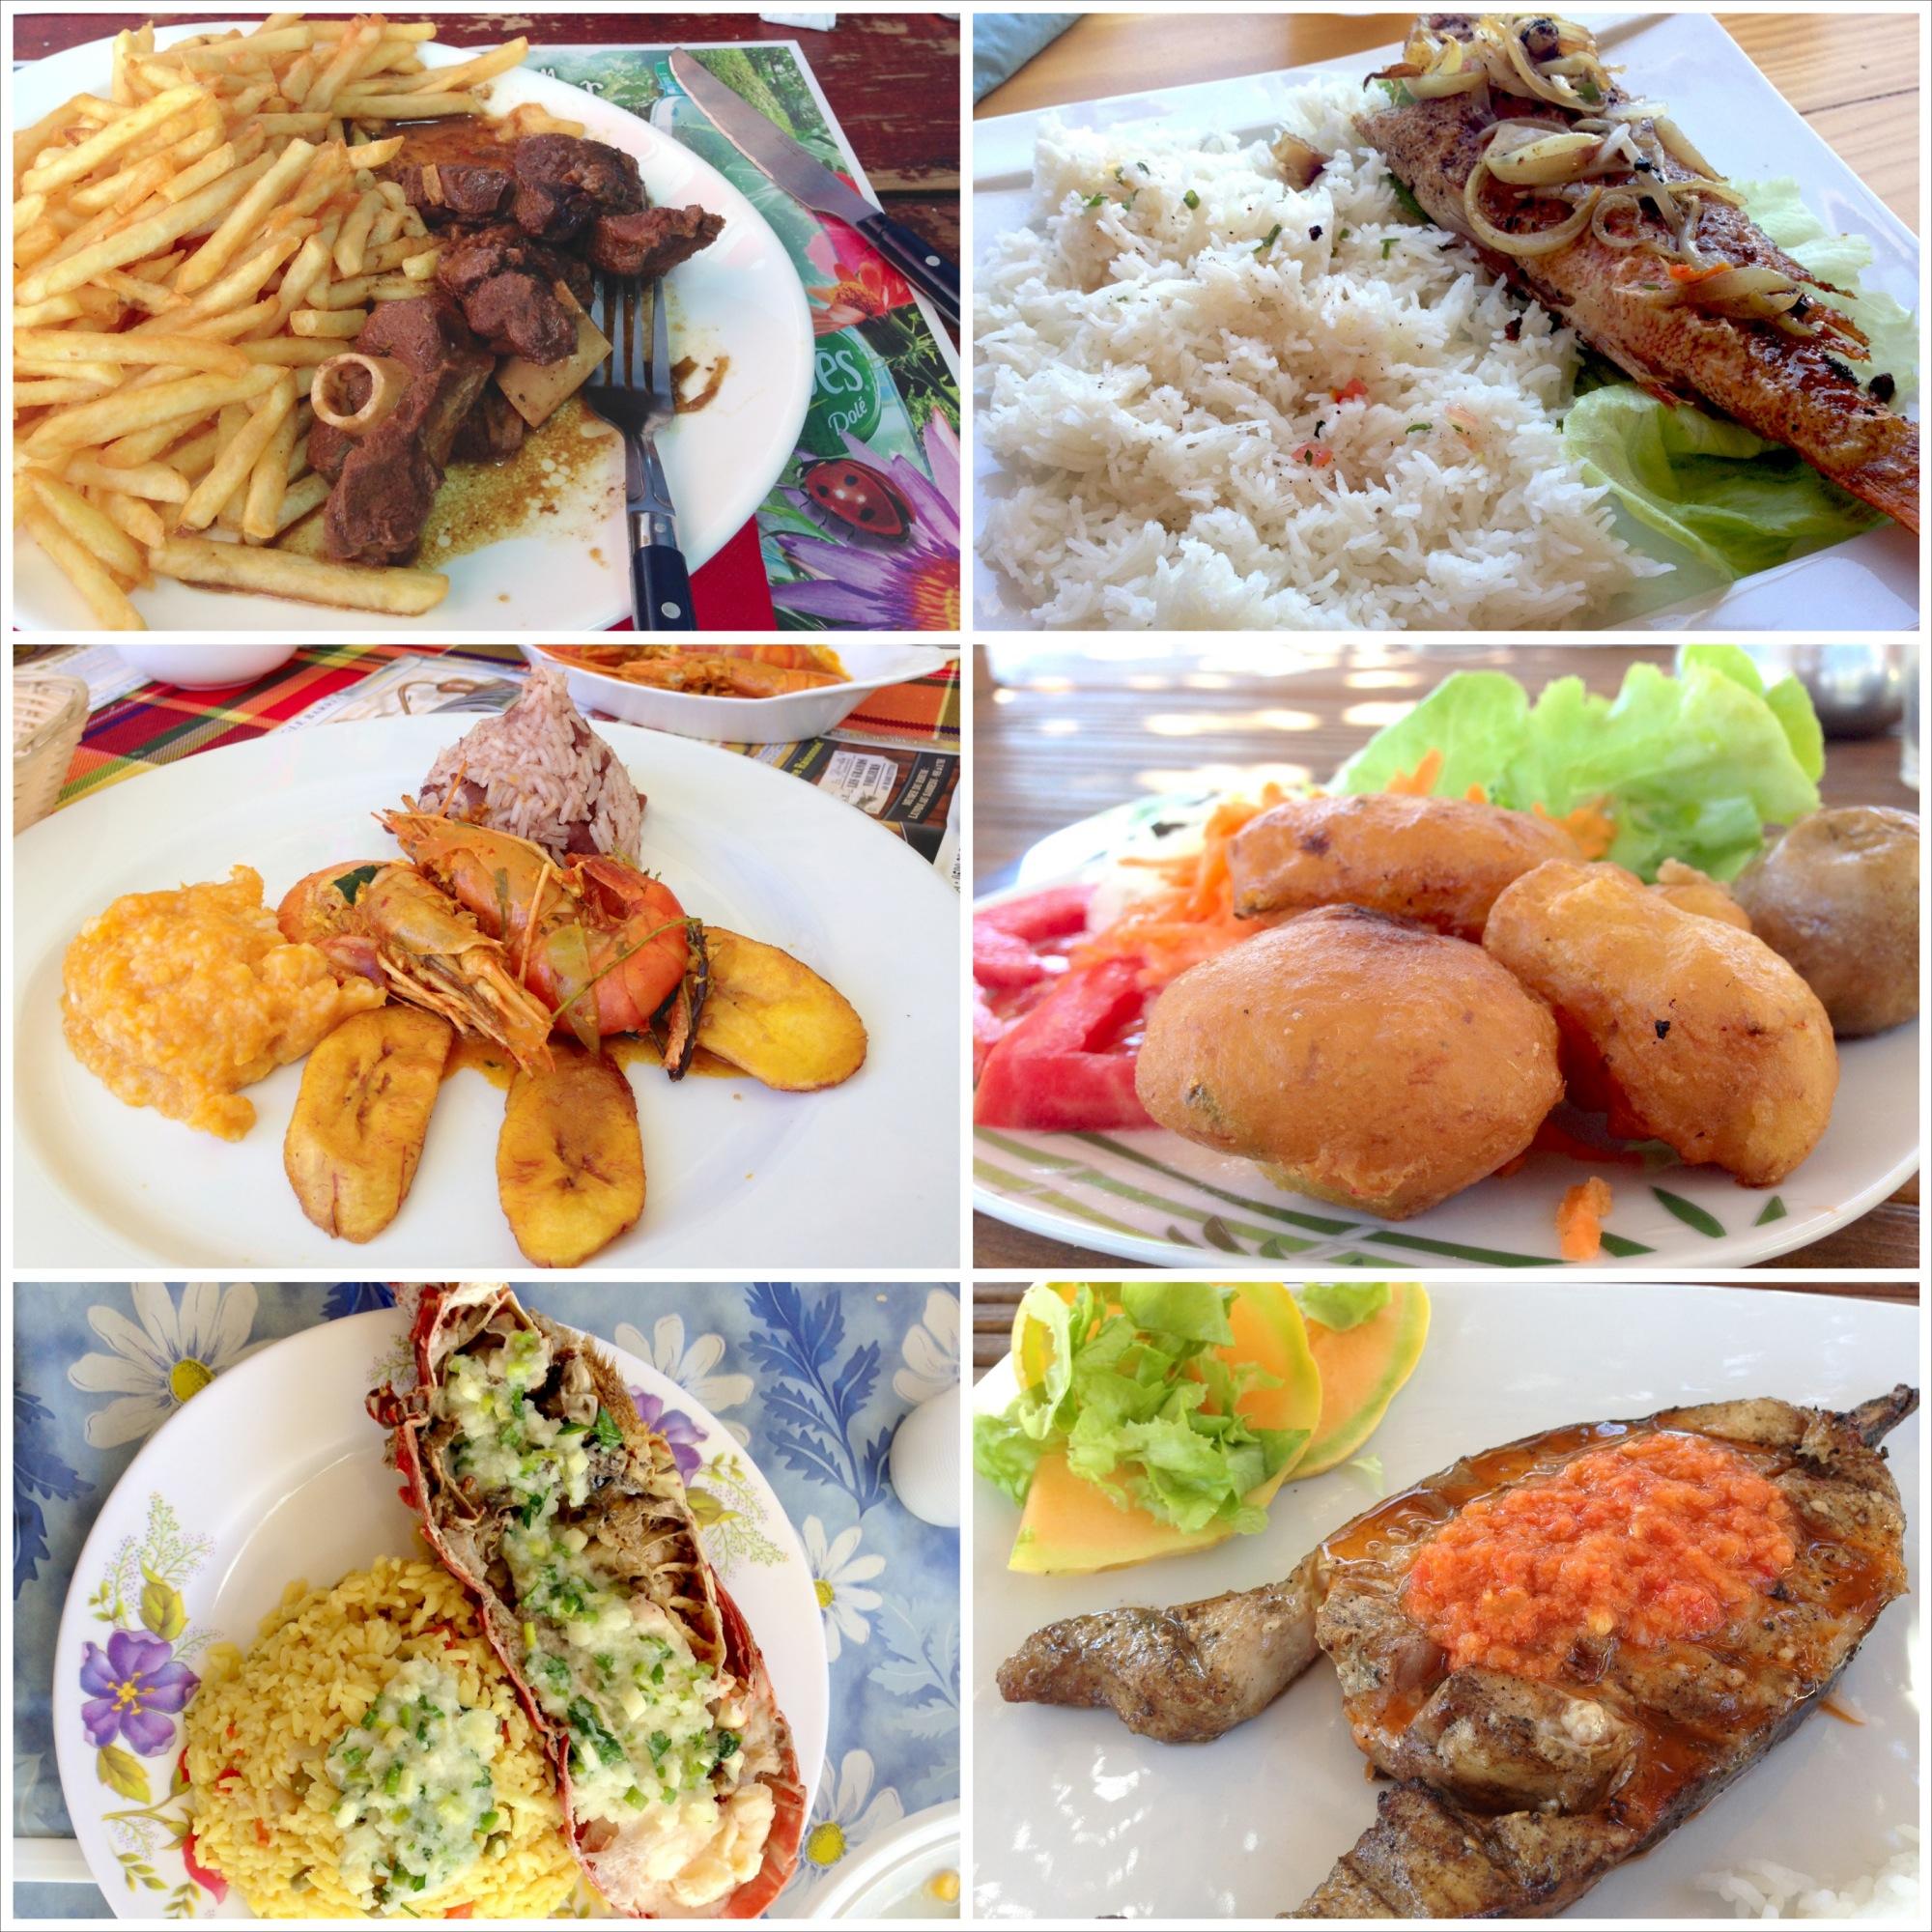 Barowa porcja frytek, ryba z ryżem, ouassous z bananem, accras, langusta, ryba.